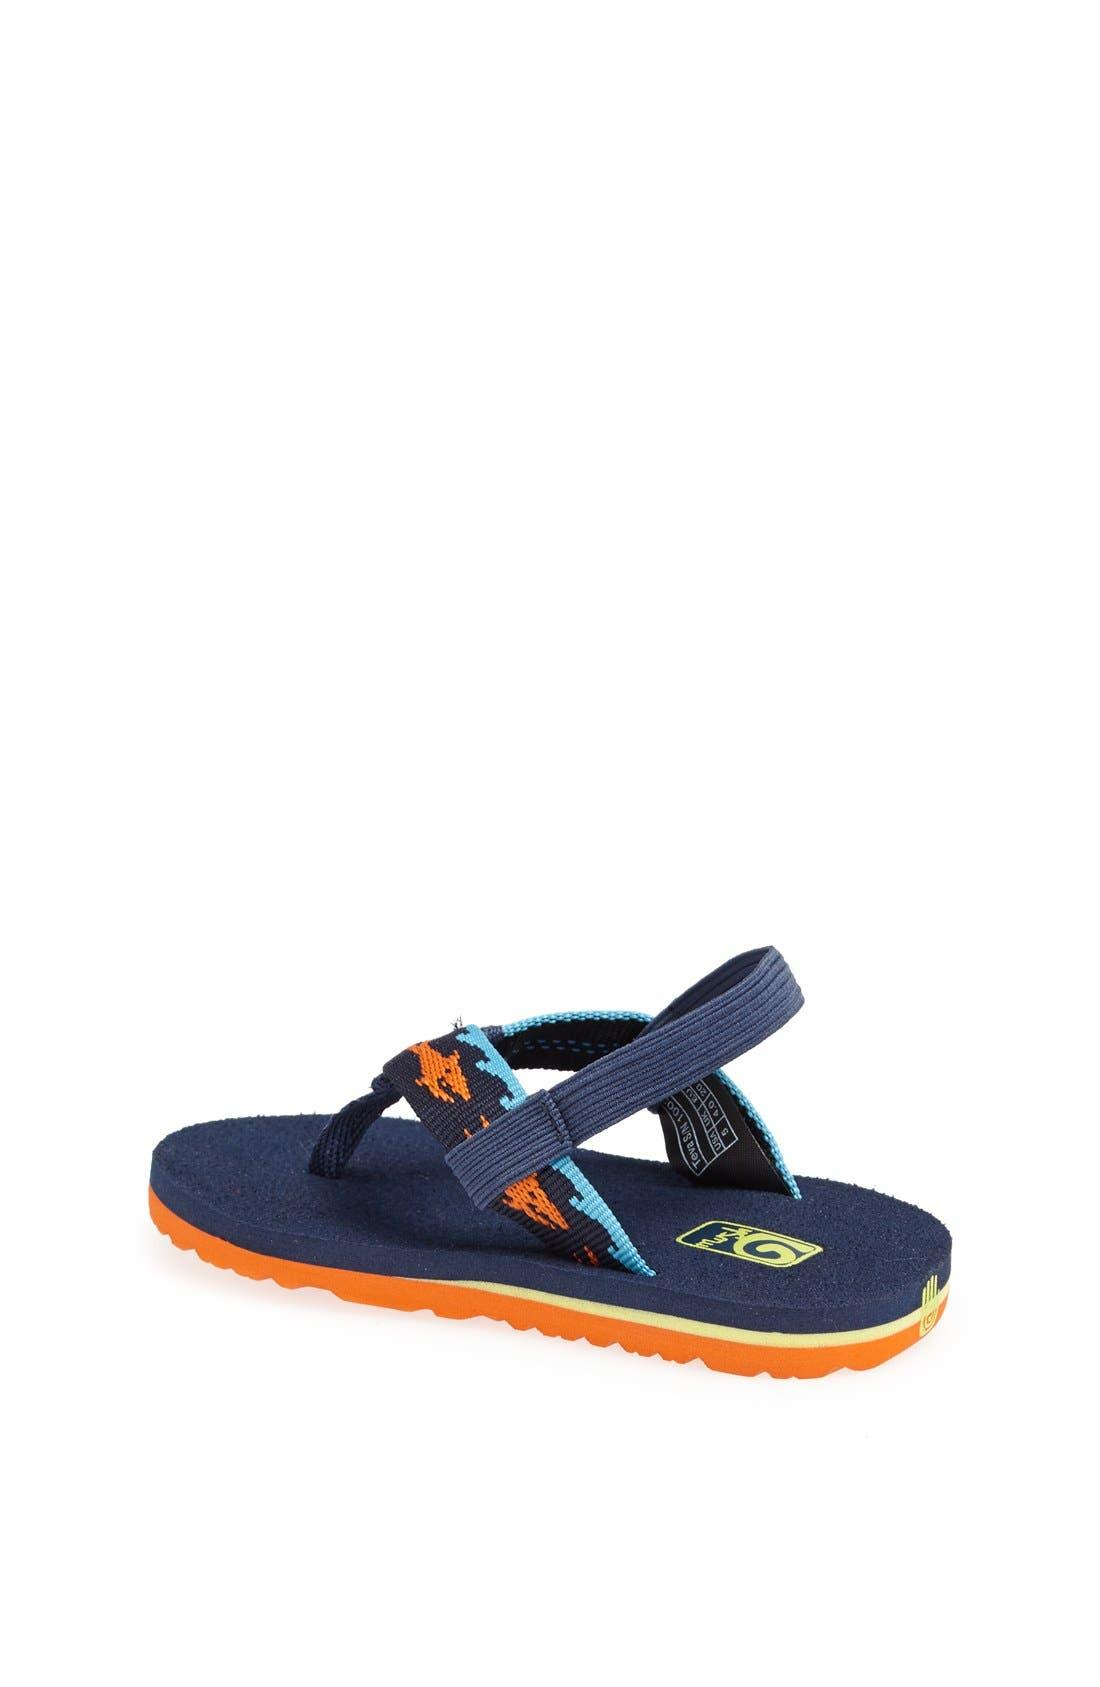 Alternate Image 2  - Teva 'Mush' Sandal (Baby & Walker)